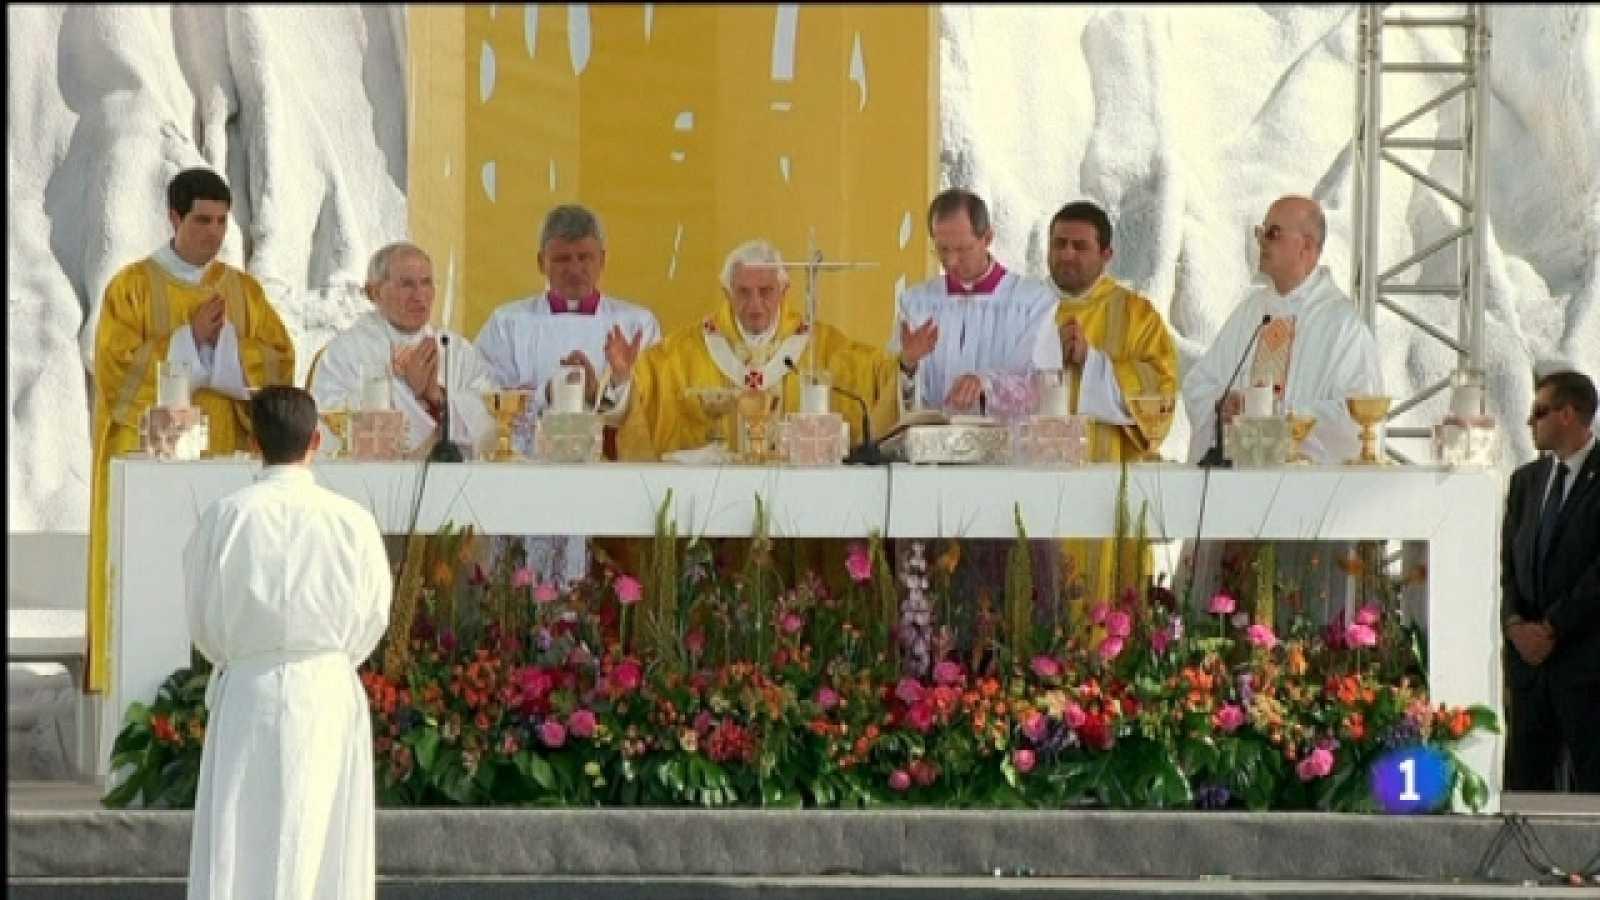 El día del señor - Especial visita S.S. el Papa Benedicto XVI - Misa desde el aeródromo de Cuatro Vientos - 21/08/11 - Segunda parte - Ver ahora